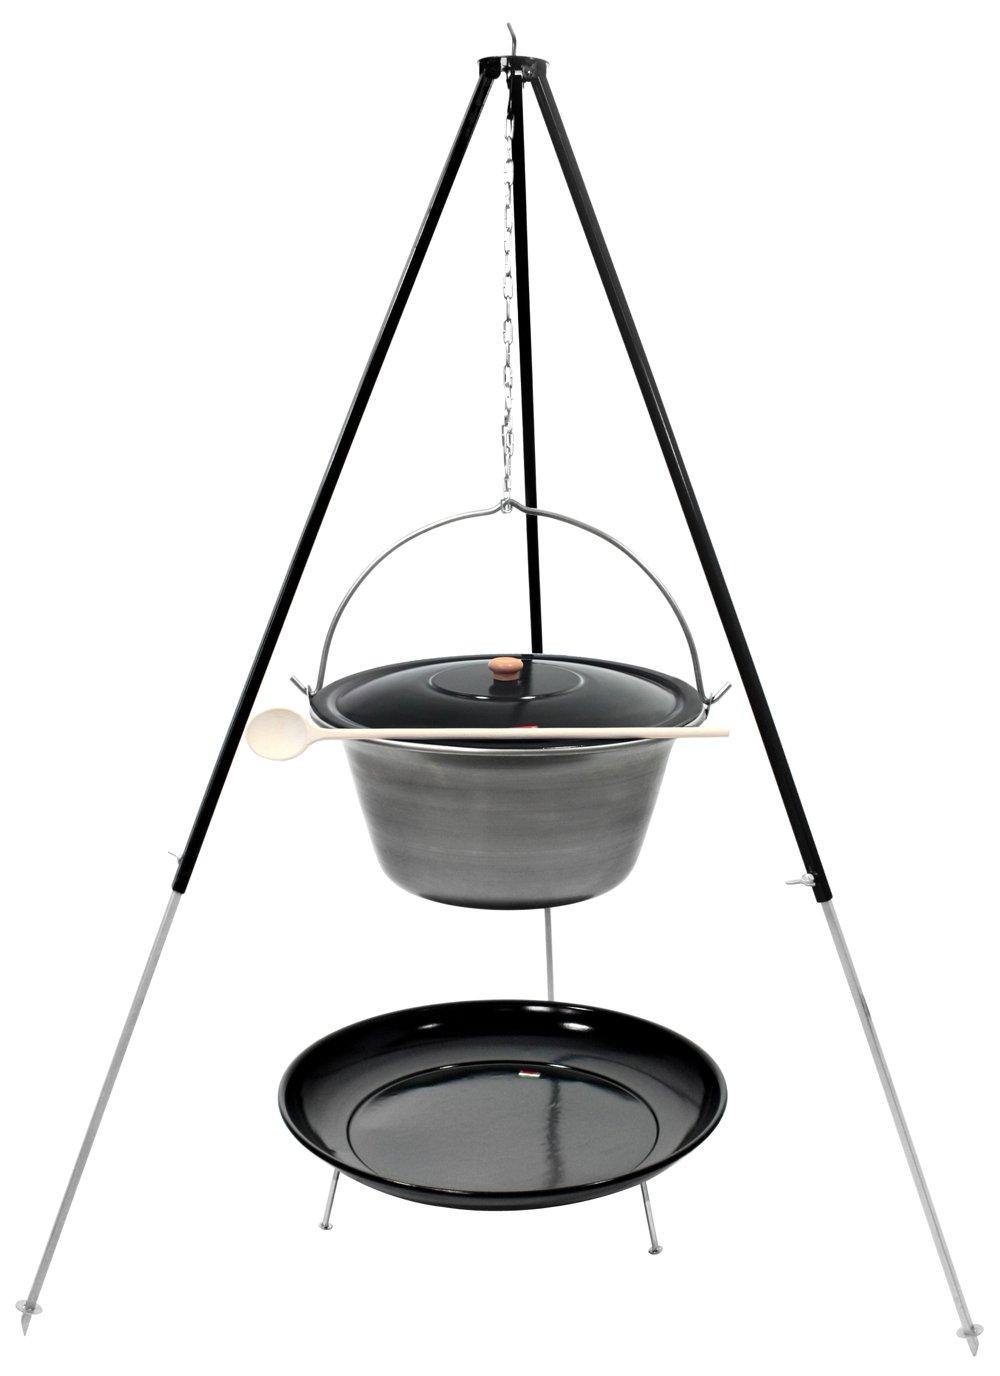 Gulaschkessel Dreibein Set (22 Liter Topf aus Eisen + Deckel + 1,80 m Dreibein + Feuerschale emailliert)